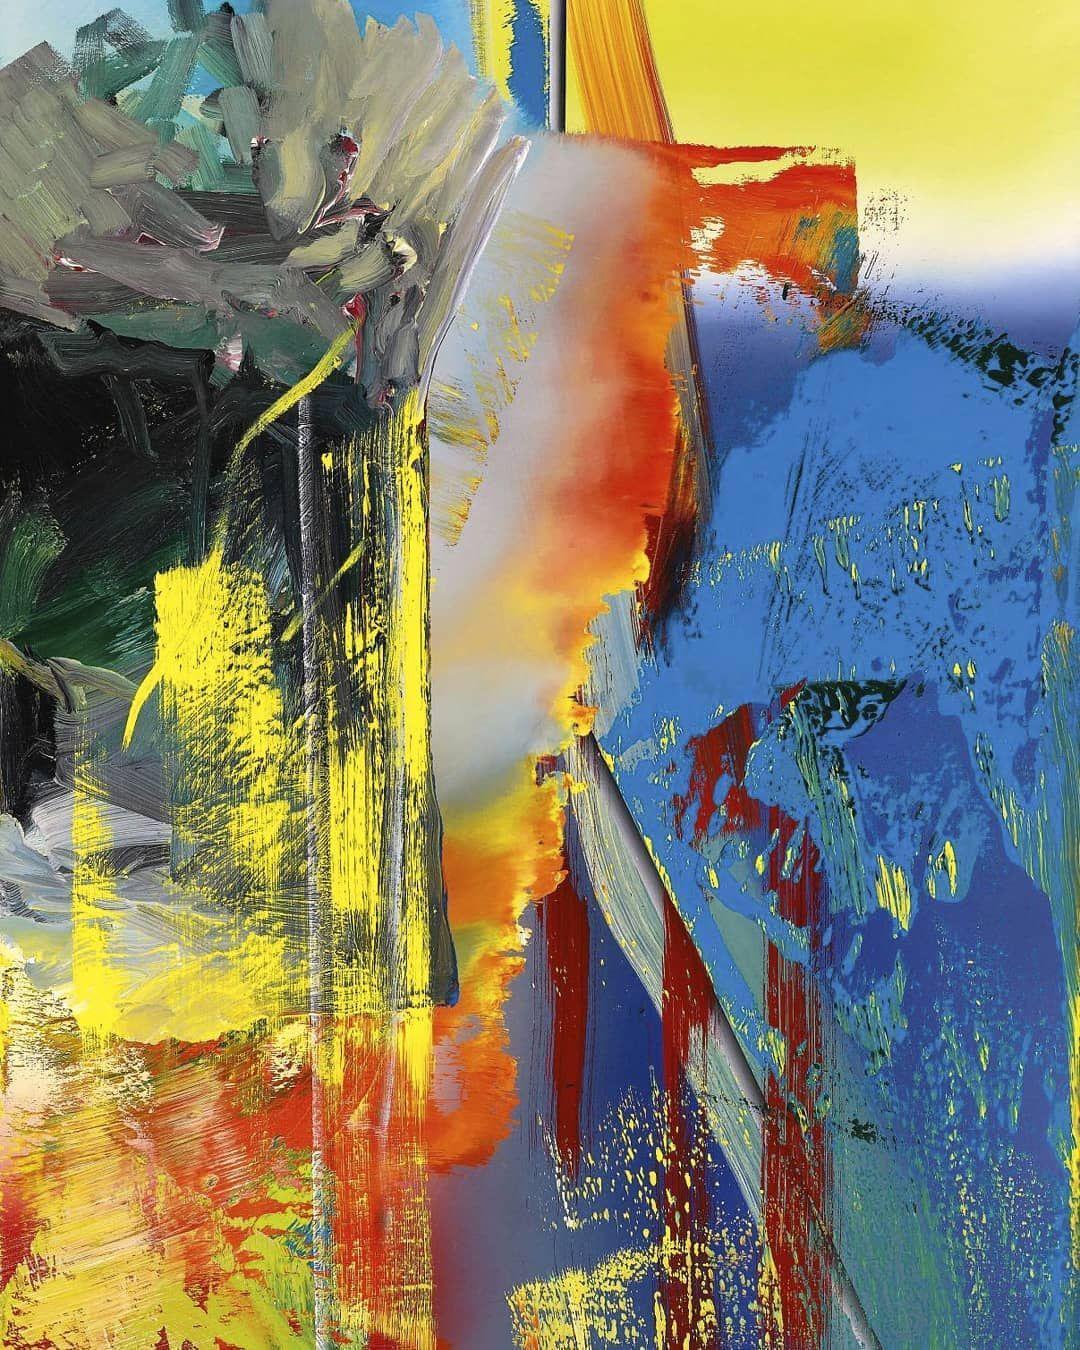 rui pinhead on instagram gerhard richter abstraktes bild 1986 gerhardrichter art artist folk painting bilder wohnzimmer abstrakt acrylbilder modern